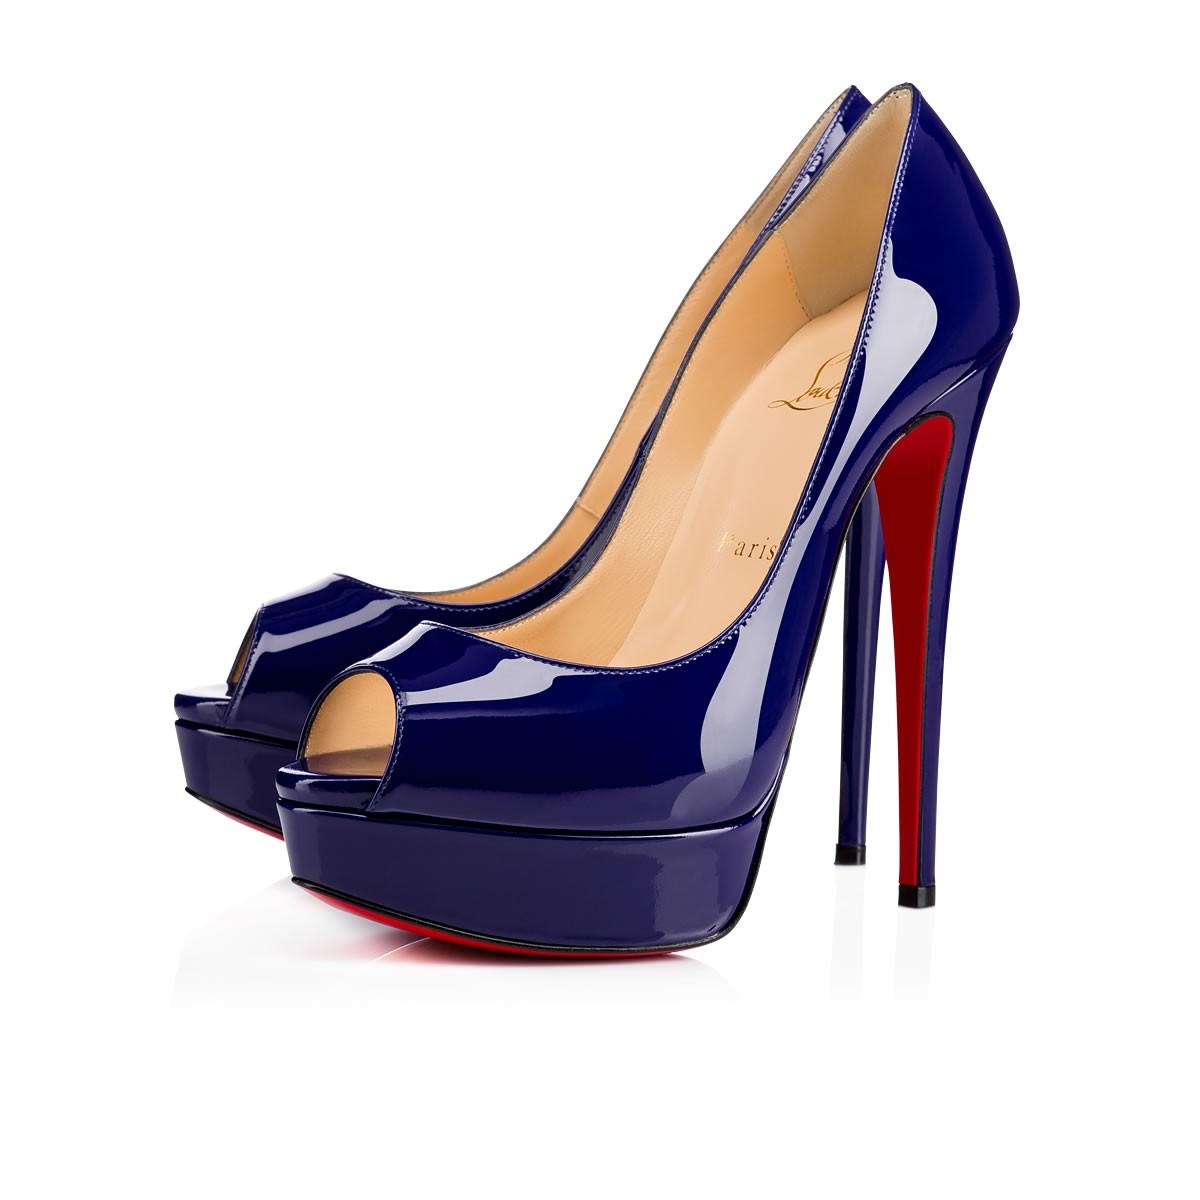 tips-lopen-hoge-hakken-killer-heels-stilettos-geen-pijn